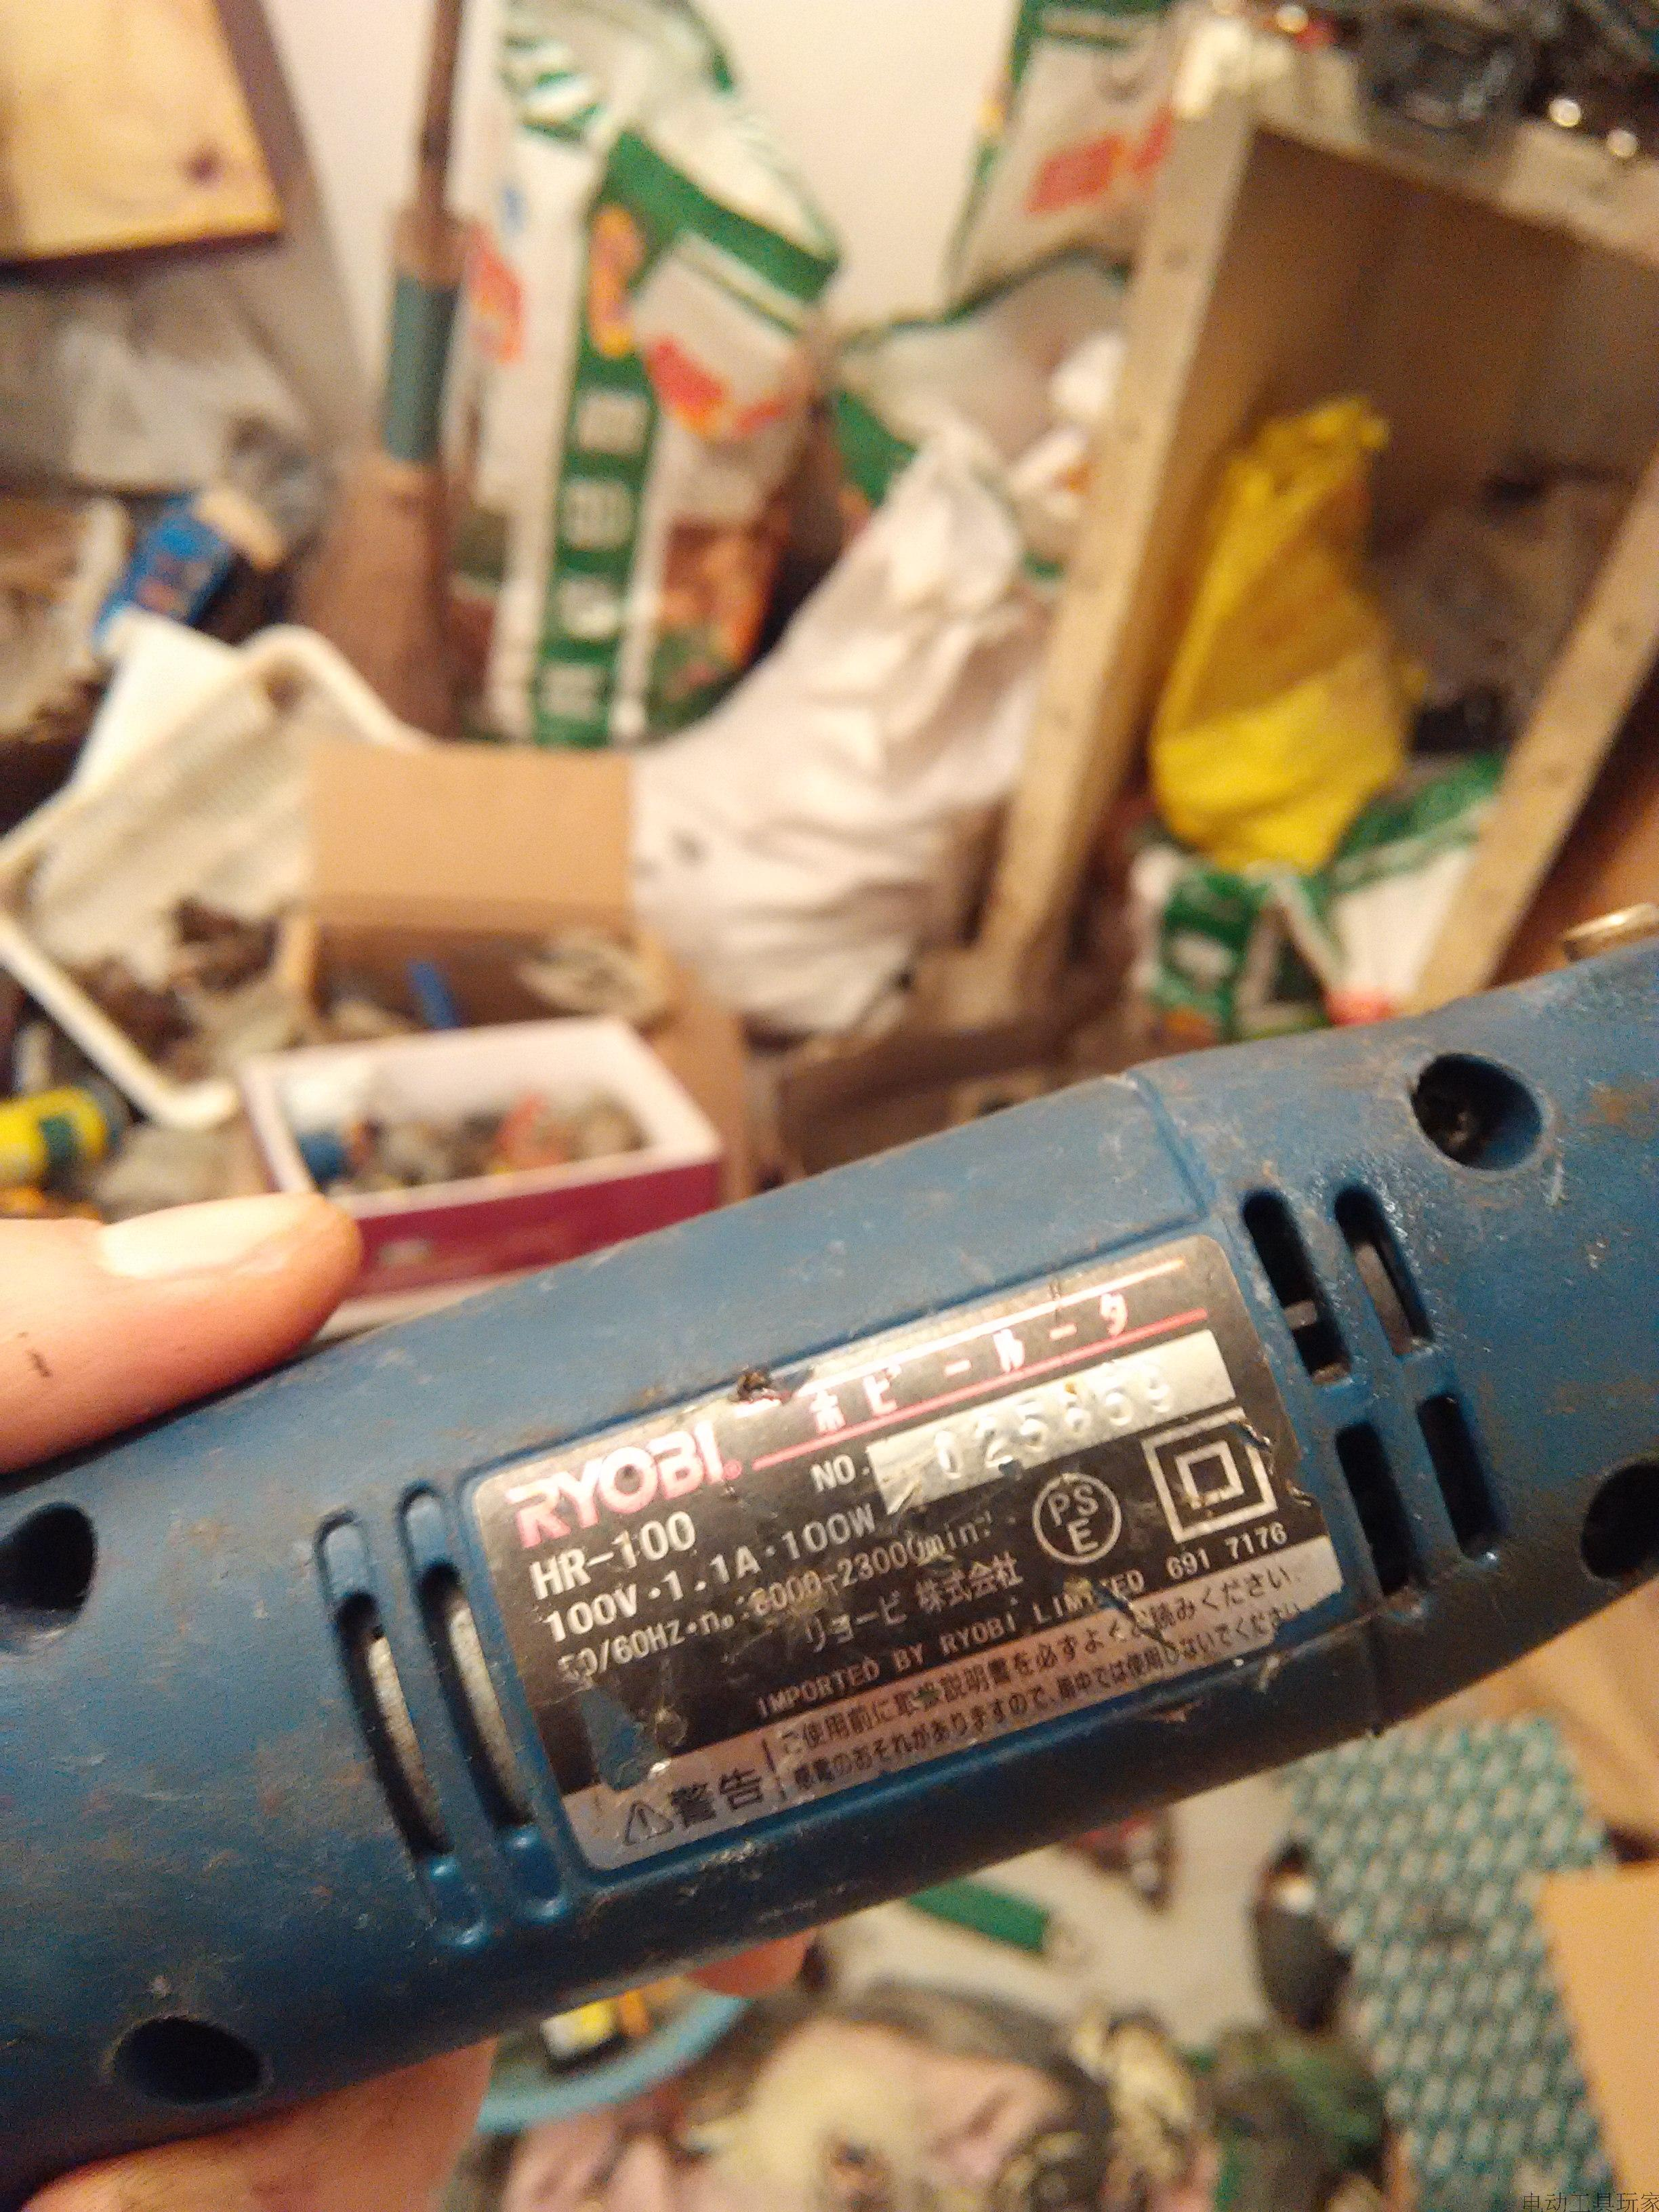 80块钱一个出几个牧田MAKITA btp130 14.4锂电冲击起子良明电磨 新人交换专区